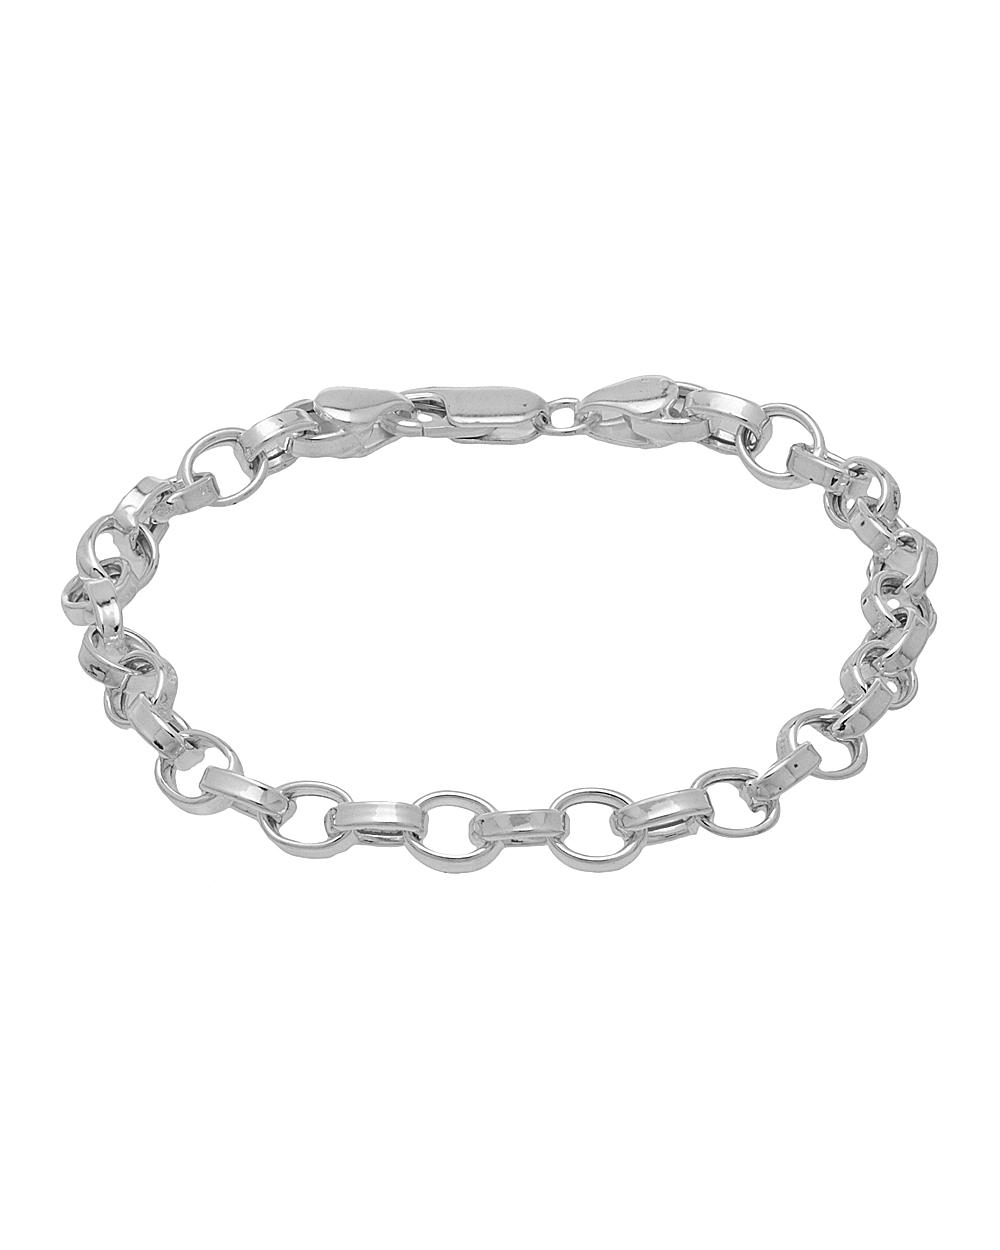 Buy Stylish Sterling Silver Bracelet For Men Online India   Voylla